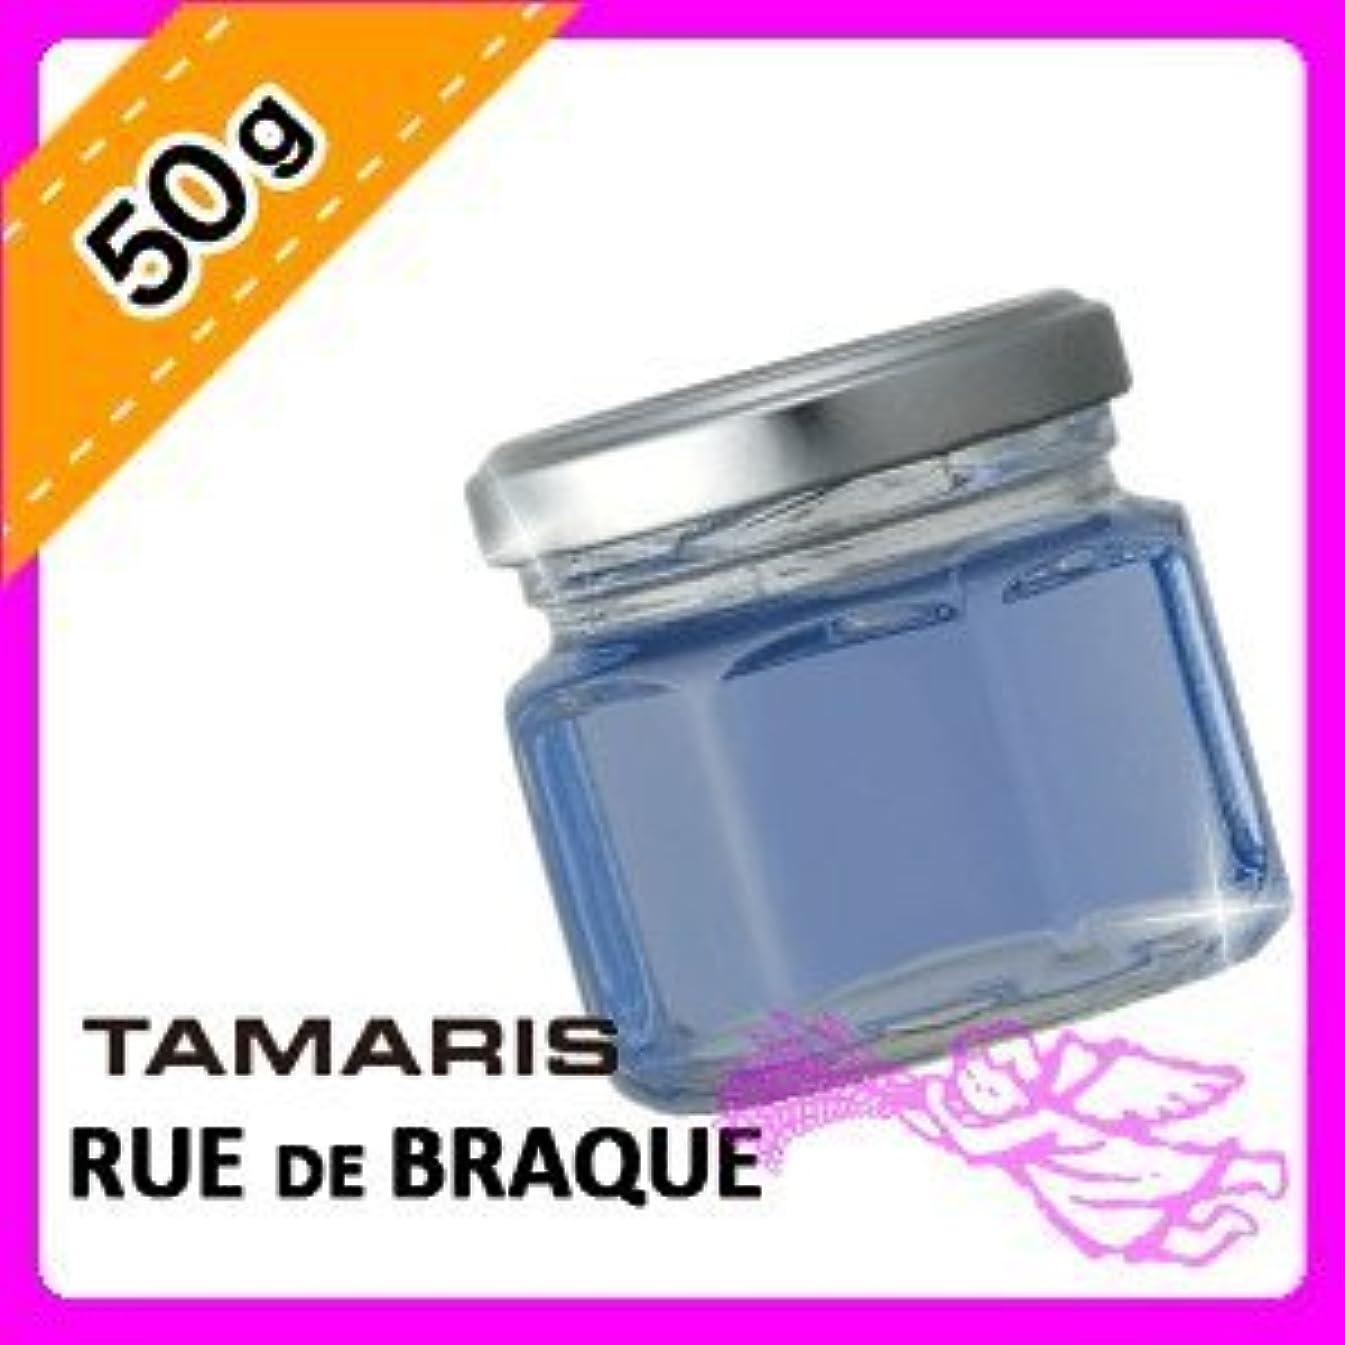 合併岸隠タマリス ルードブラック ソリッドグリース 50g TAMARIS RUE DE BRAQUE